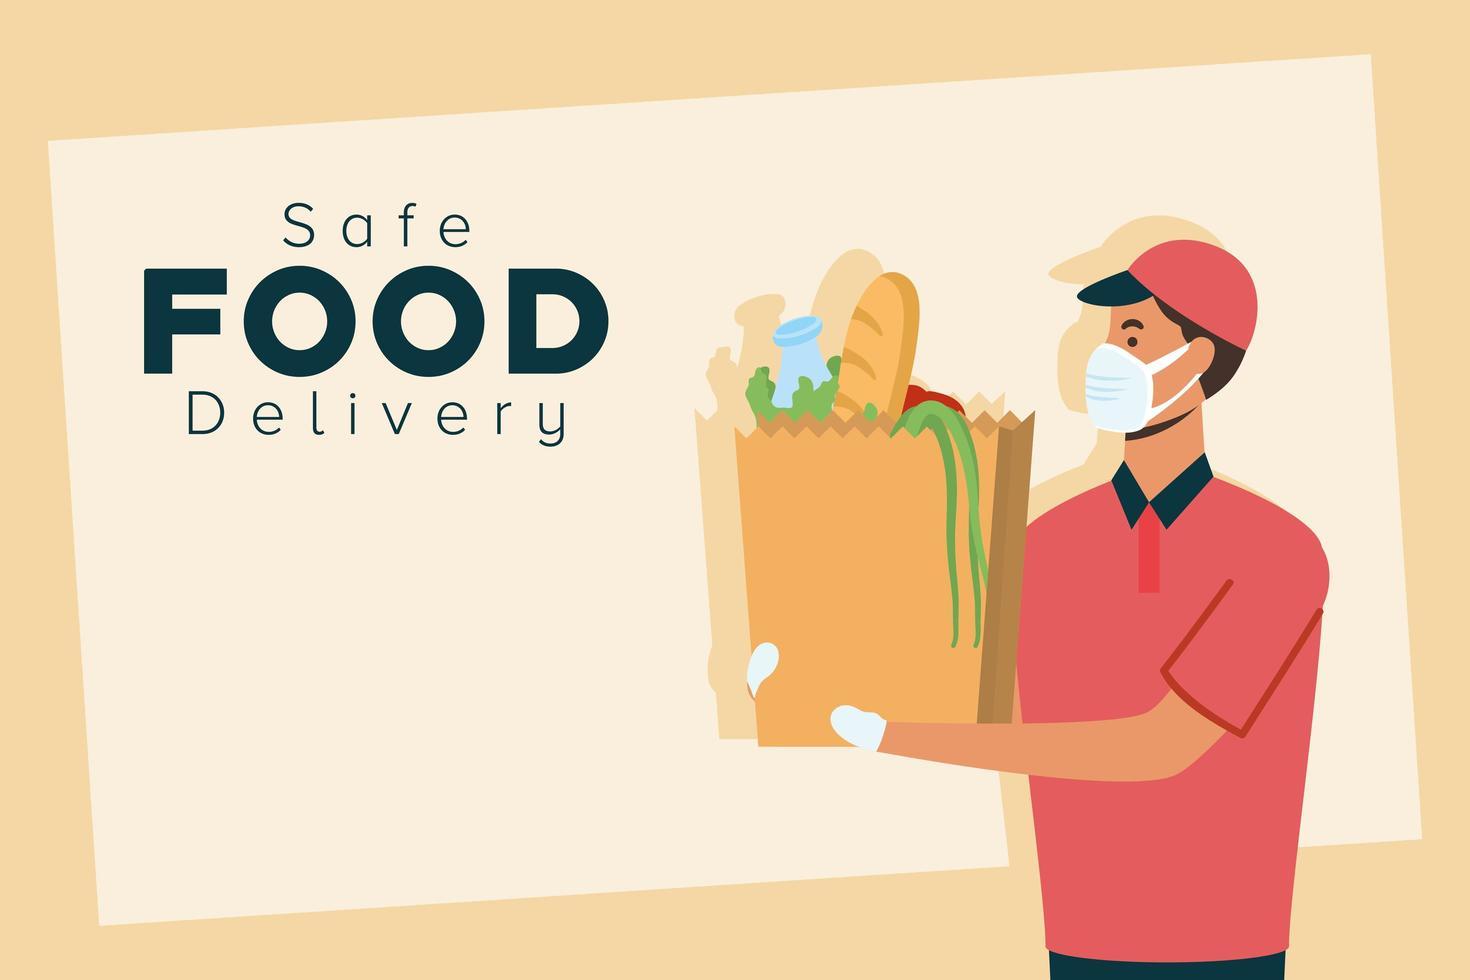 bannière de concept de livraison de nourriture sûre vecteur